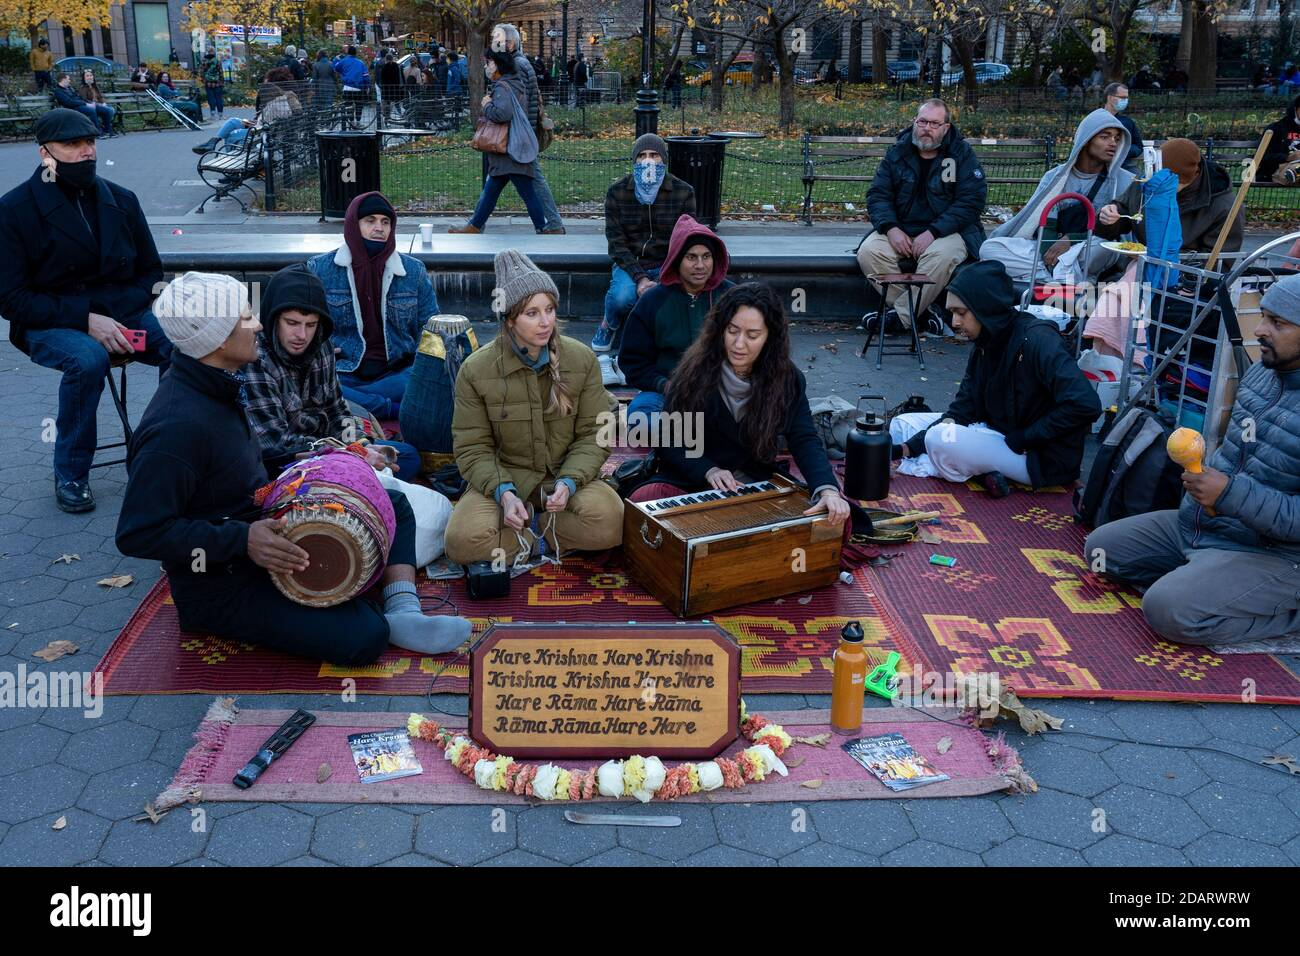 New York, États-Unis. 14 novembre 2020. Les membres de Hare Krishna chantent au parc Washington Square dans le cadre d'une pandémie de coronavirus (Covid-19) à New York. Crédit : SOPA Images Limited/Alamy Live News Banque D'Images